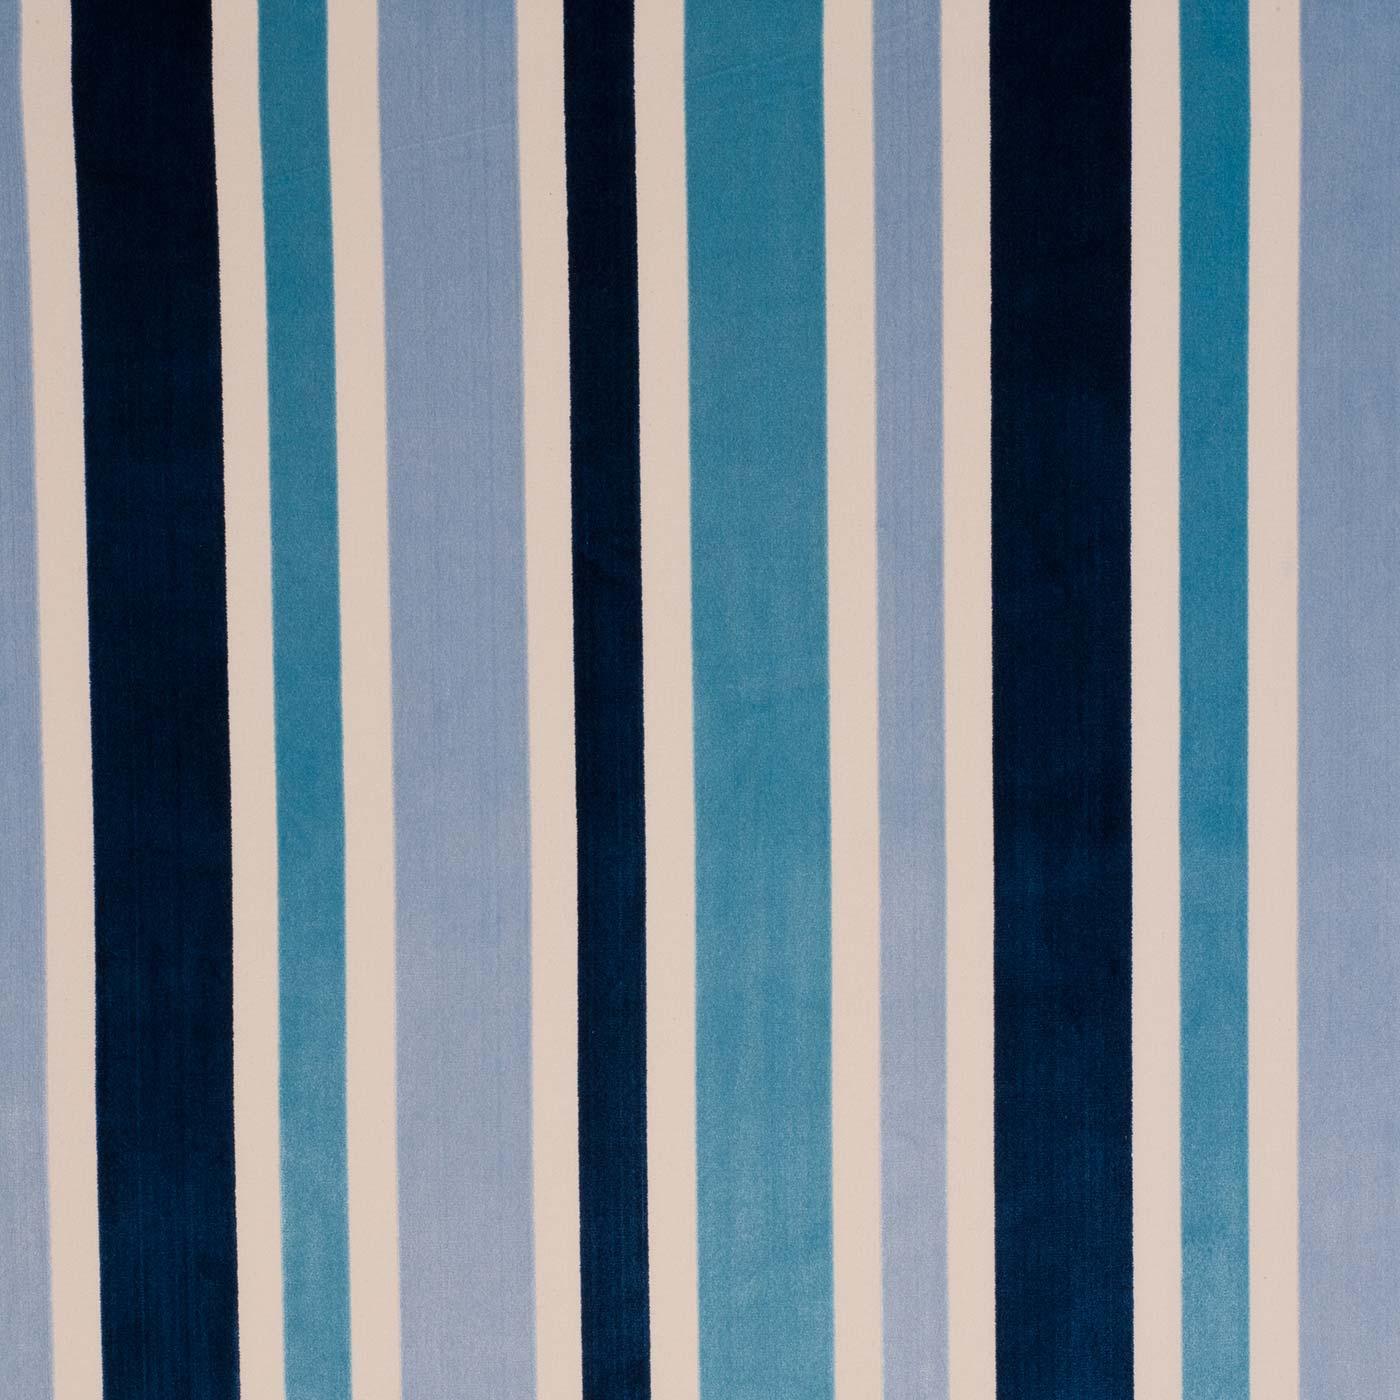 Vincent Blue